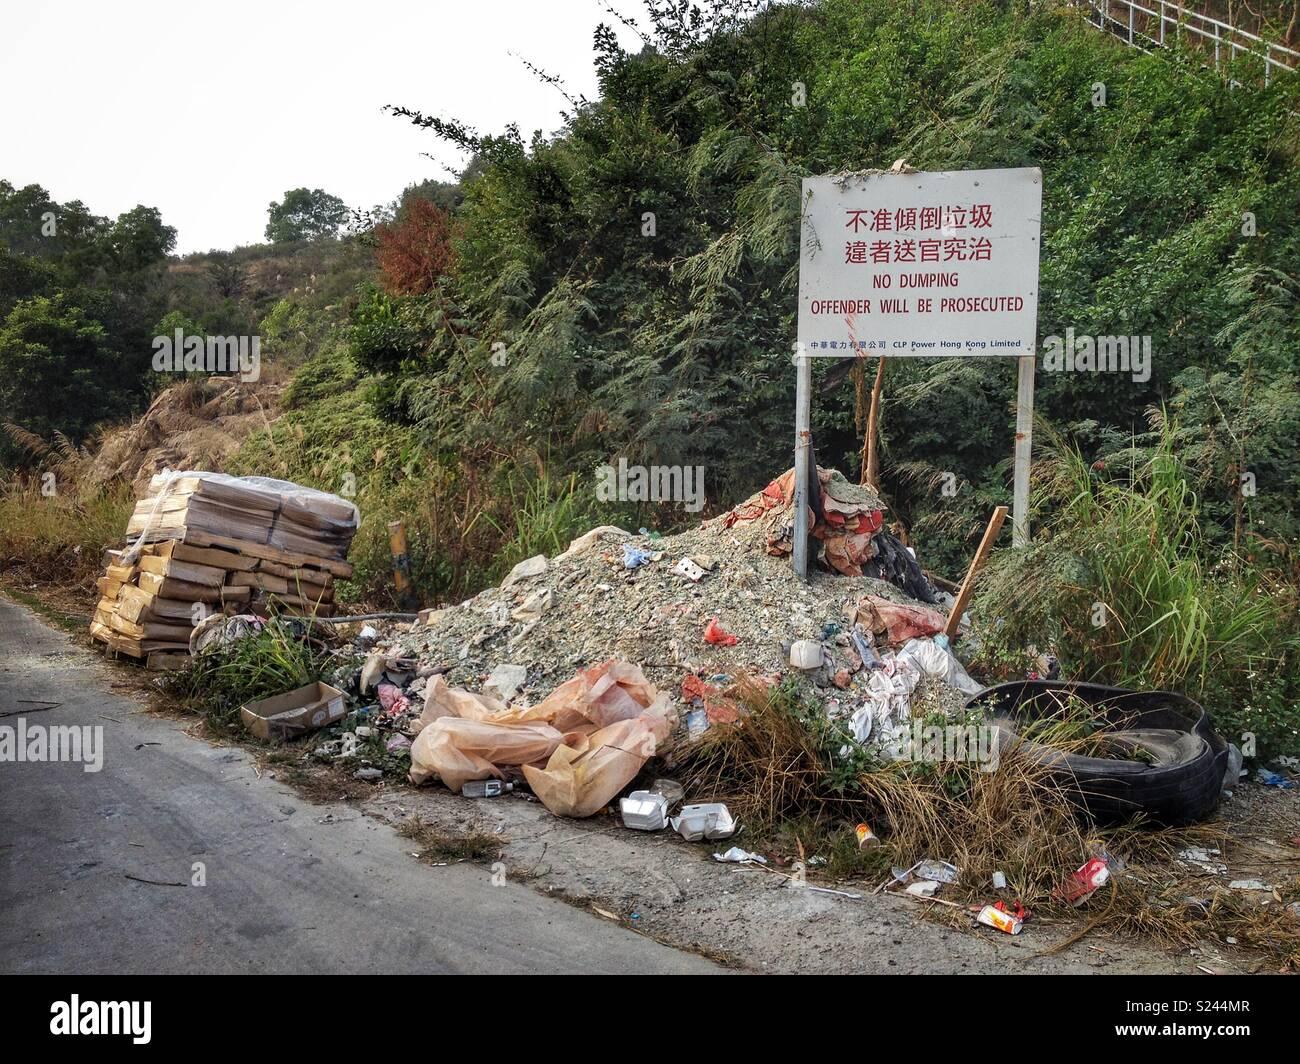 """""""Bilingue nessun dumping """" sign in lingua cinese e inglese con pratiche di dumping illegale di rifiuti di cantiere e un pallet di decomporsi pesce, vicino al West nuovi territori discarica, Nim Wan, Tuen Mun, Hong Kong Immagini Stock"""